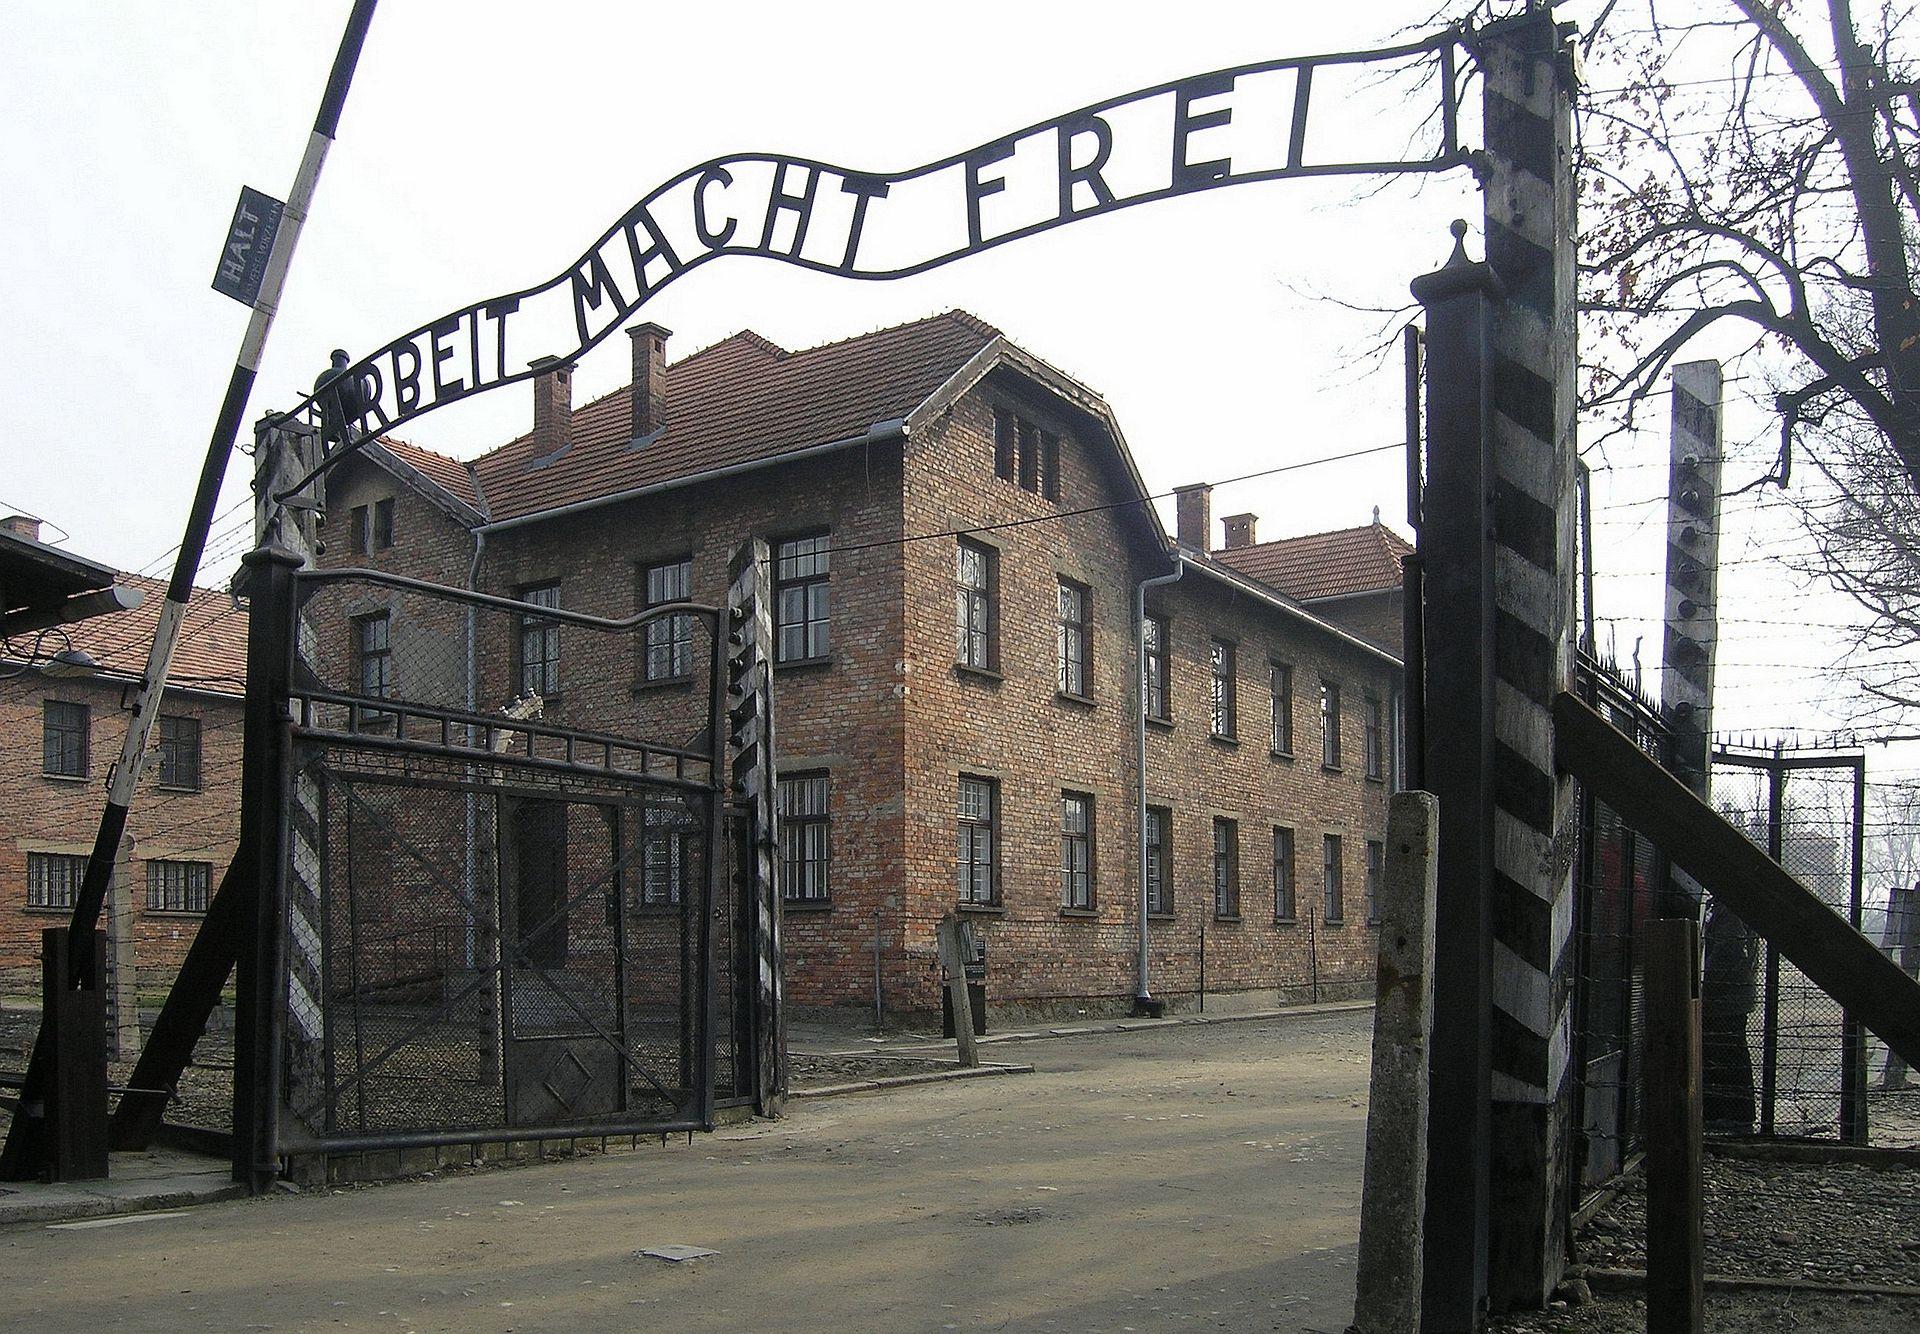 奧斯維辛集中營的入口,橫幅的德文就是著名的集中營謊言:「勞動帶來自由。」(ARBEIT MACHT FREI)(維基百科)